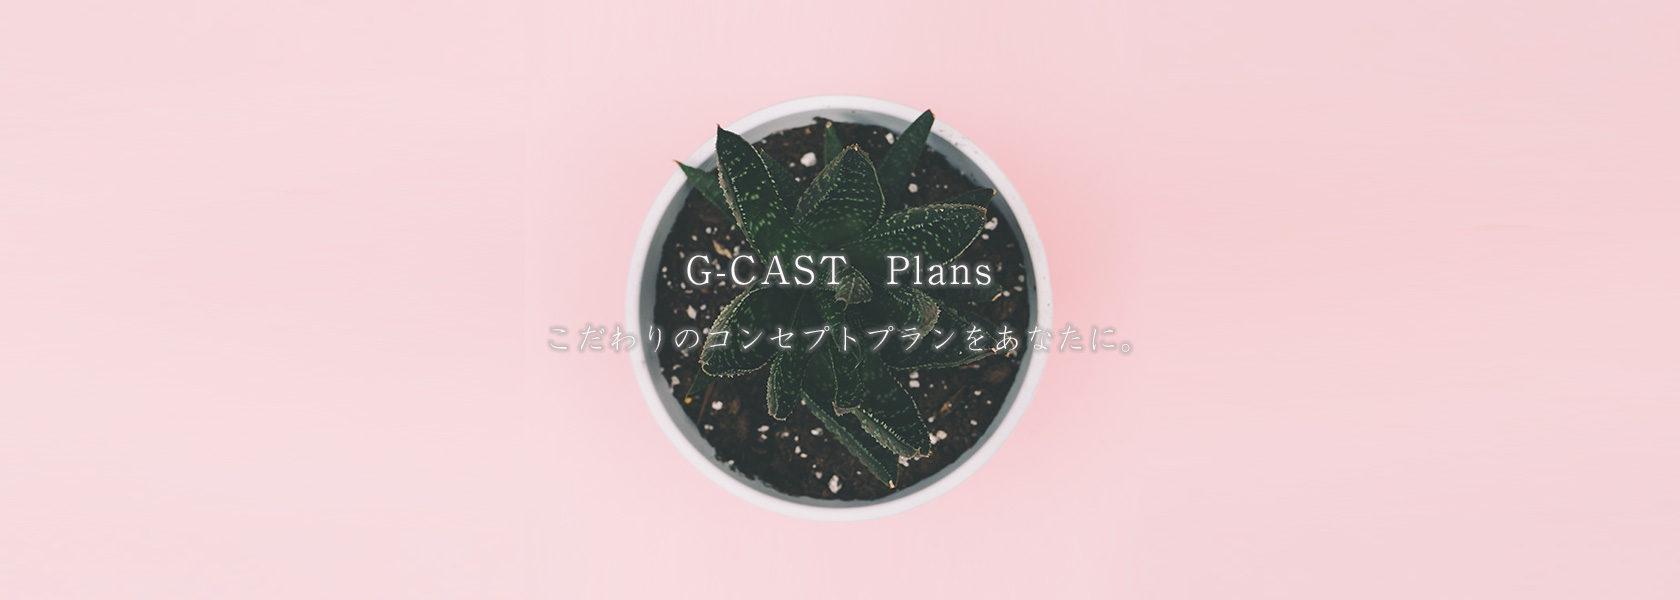 G-CAST Plans